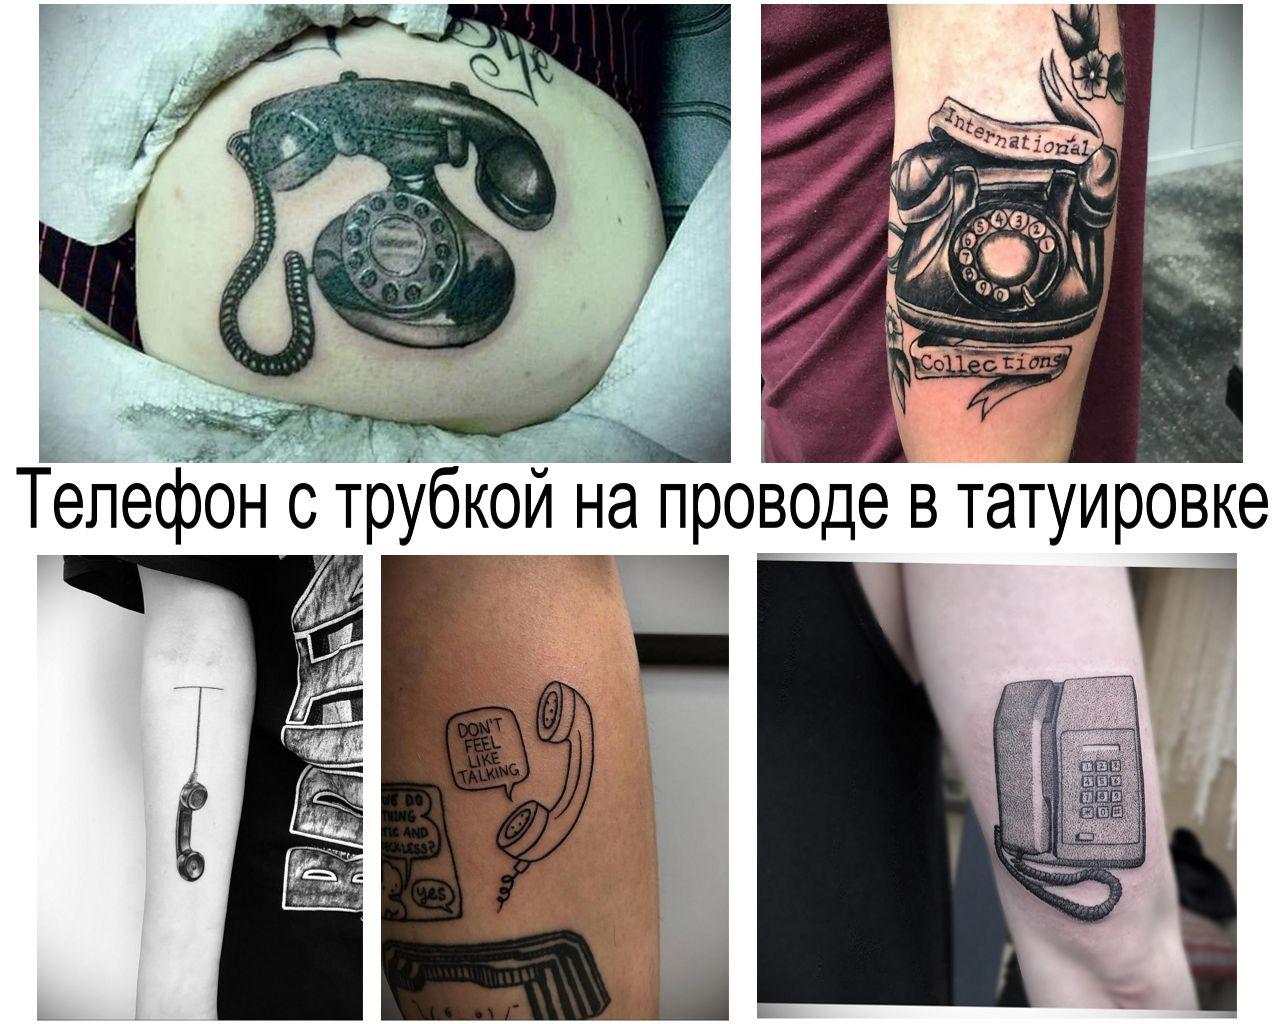 Стационарный телефон с трубкой на проводе в татуировке – дань, ко дню изобретения телефона: фото и факты